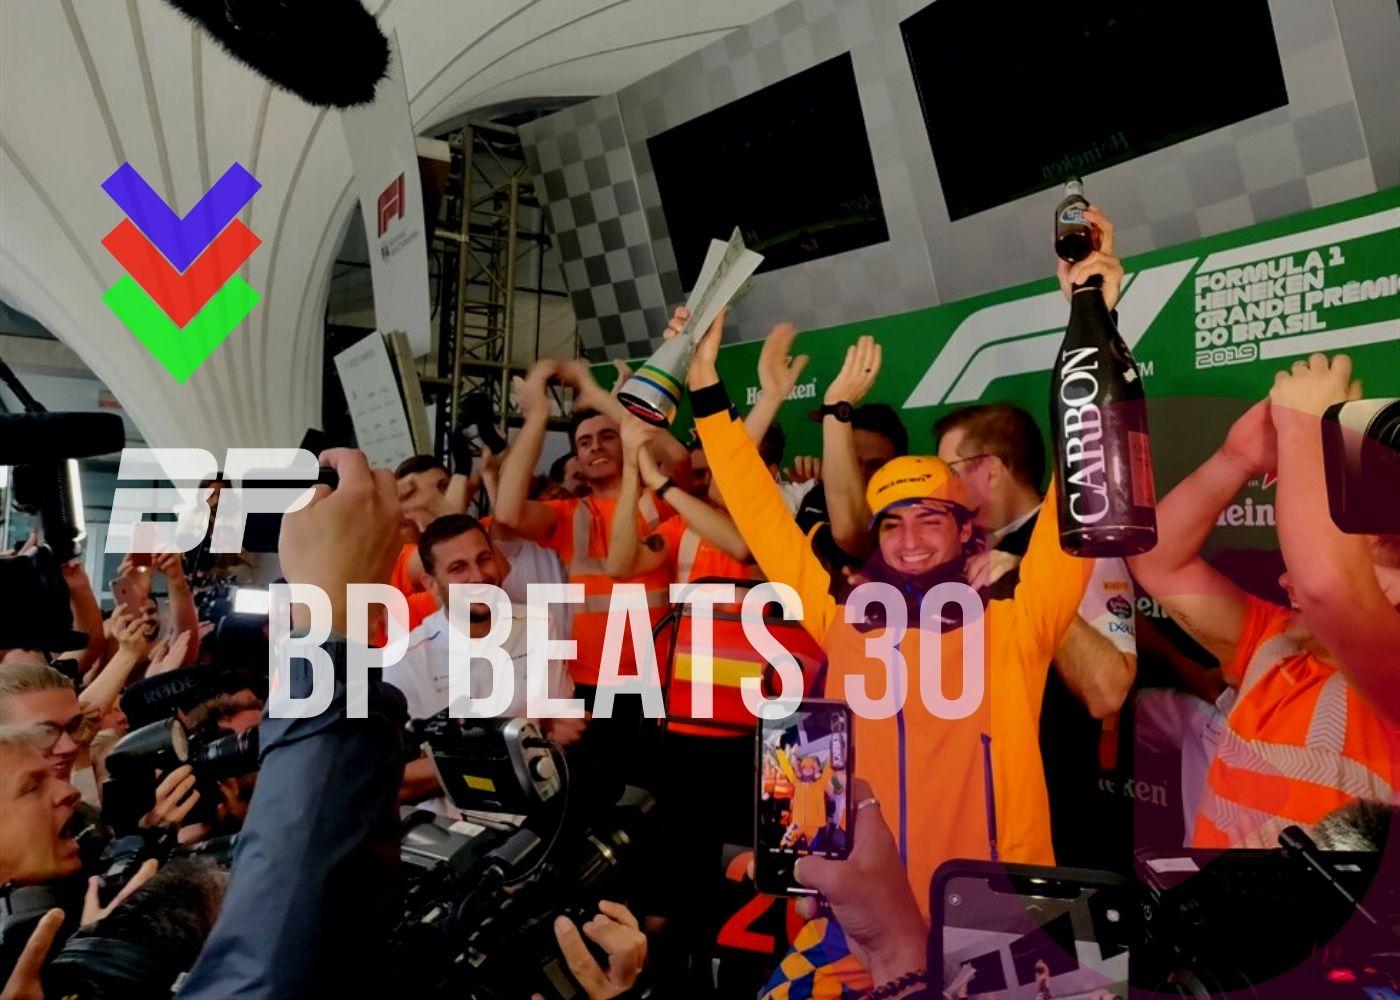 Foto de BPBEATS 30 | A Rave do GP Brasil Edição 2019